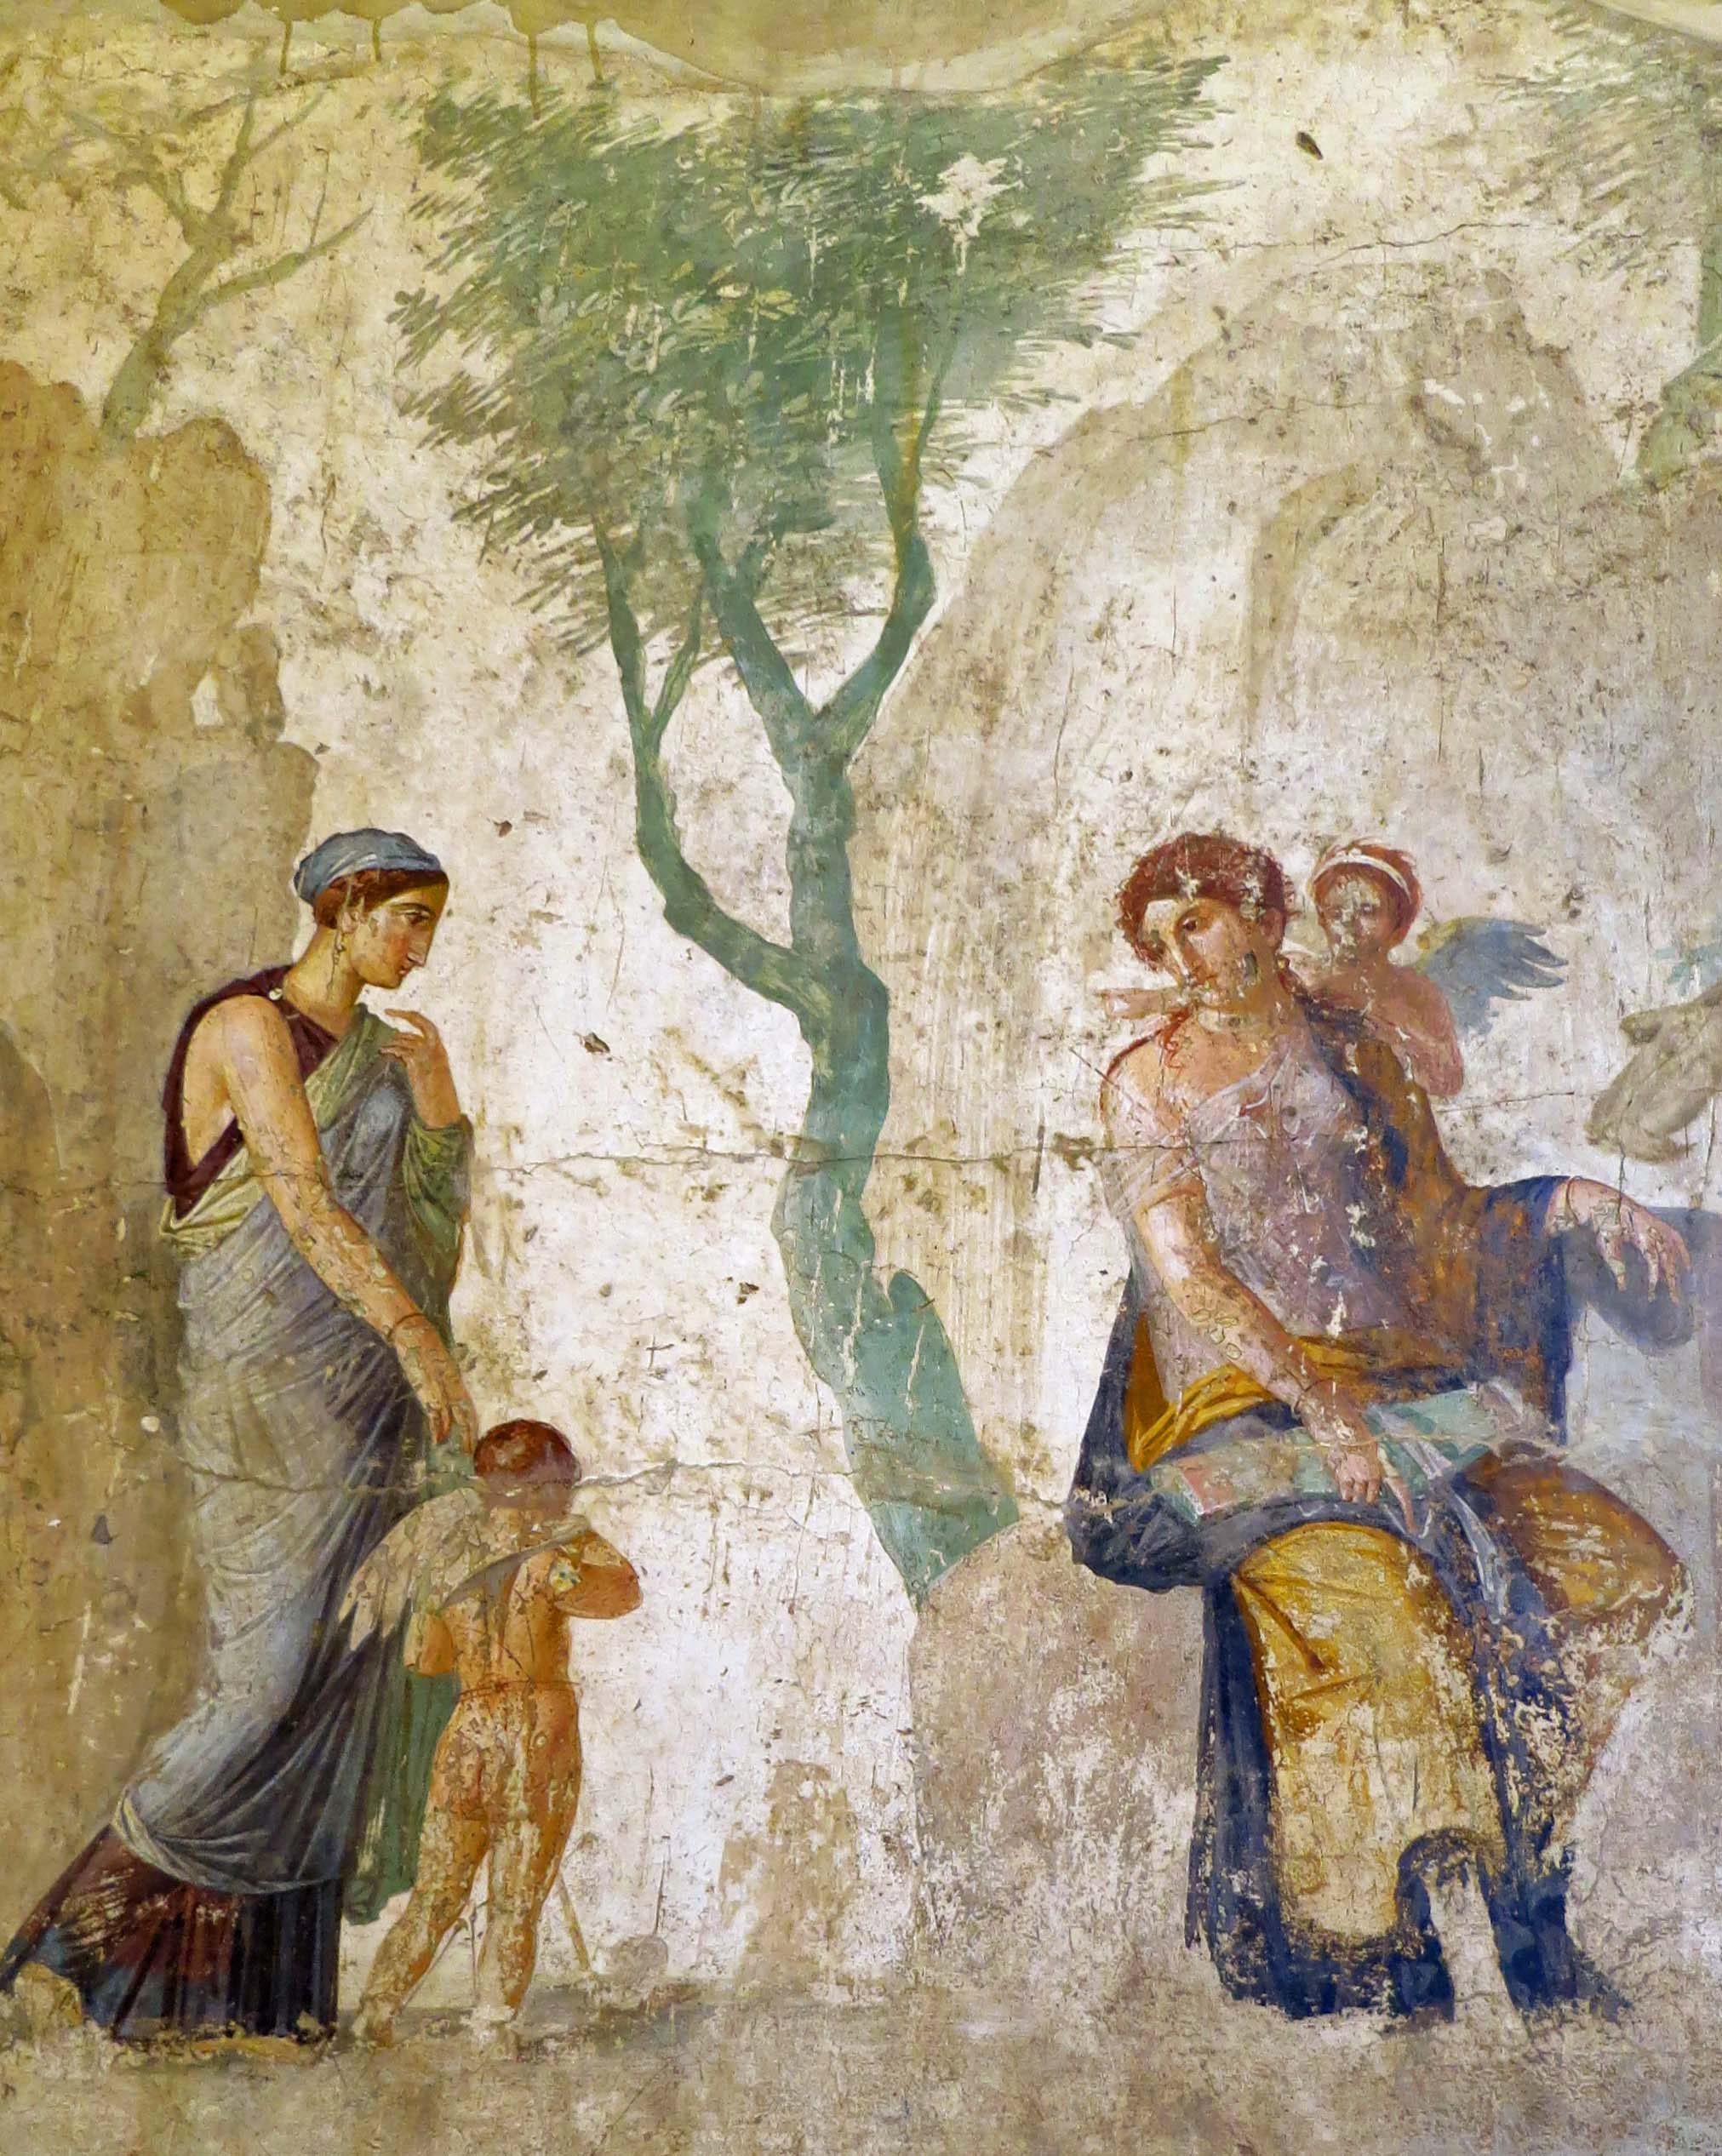 Pompeii painting